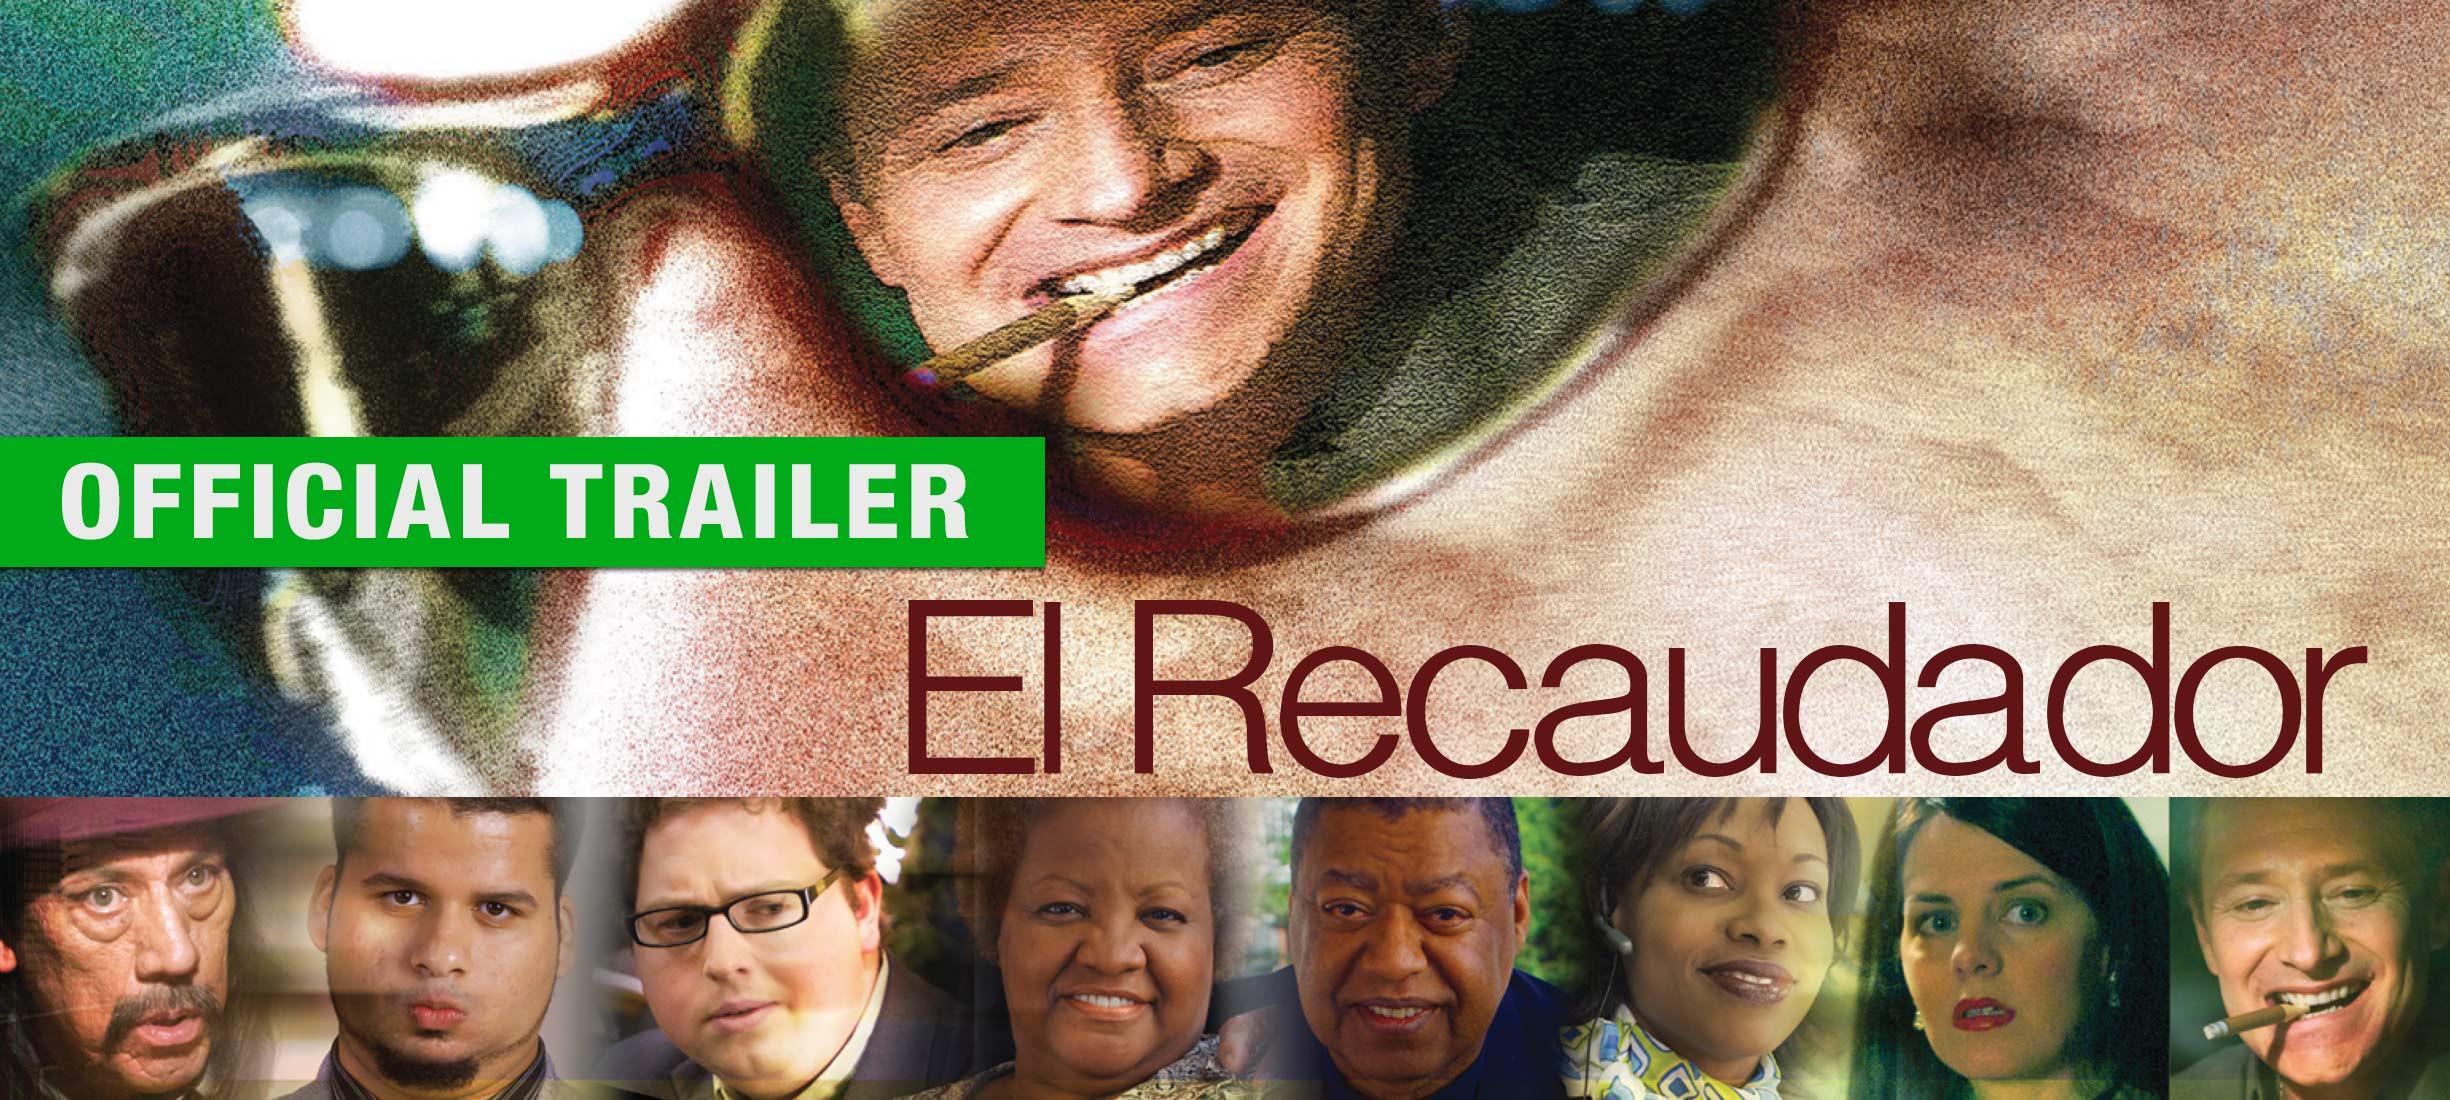 El Recaudador: Trailer